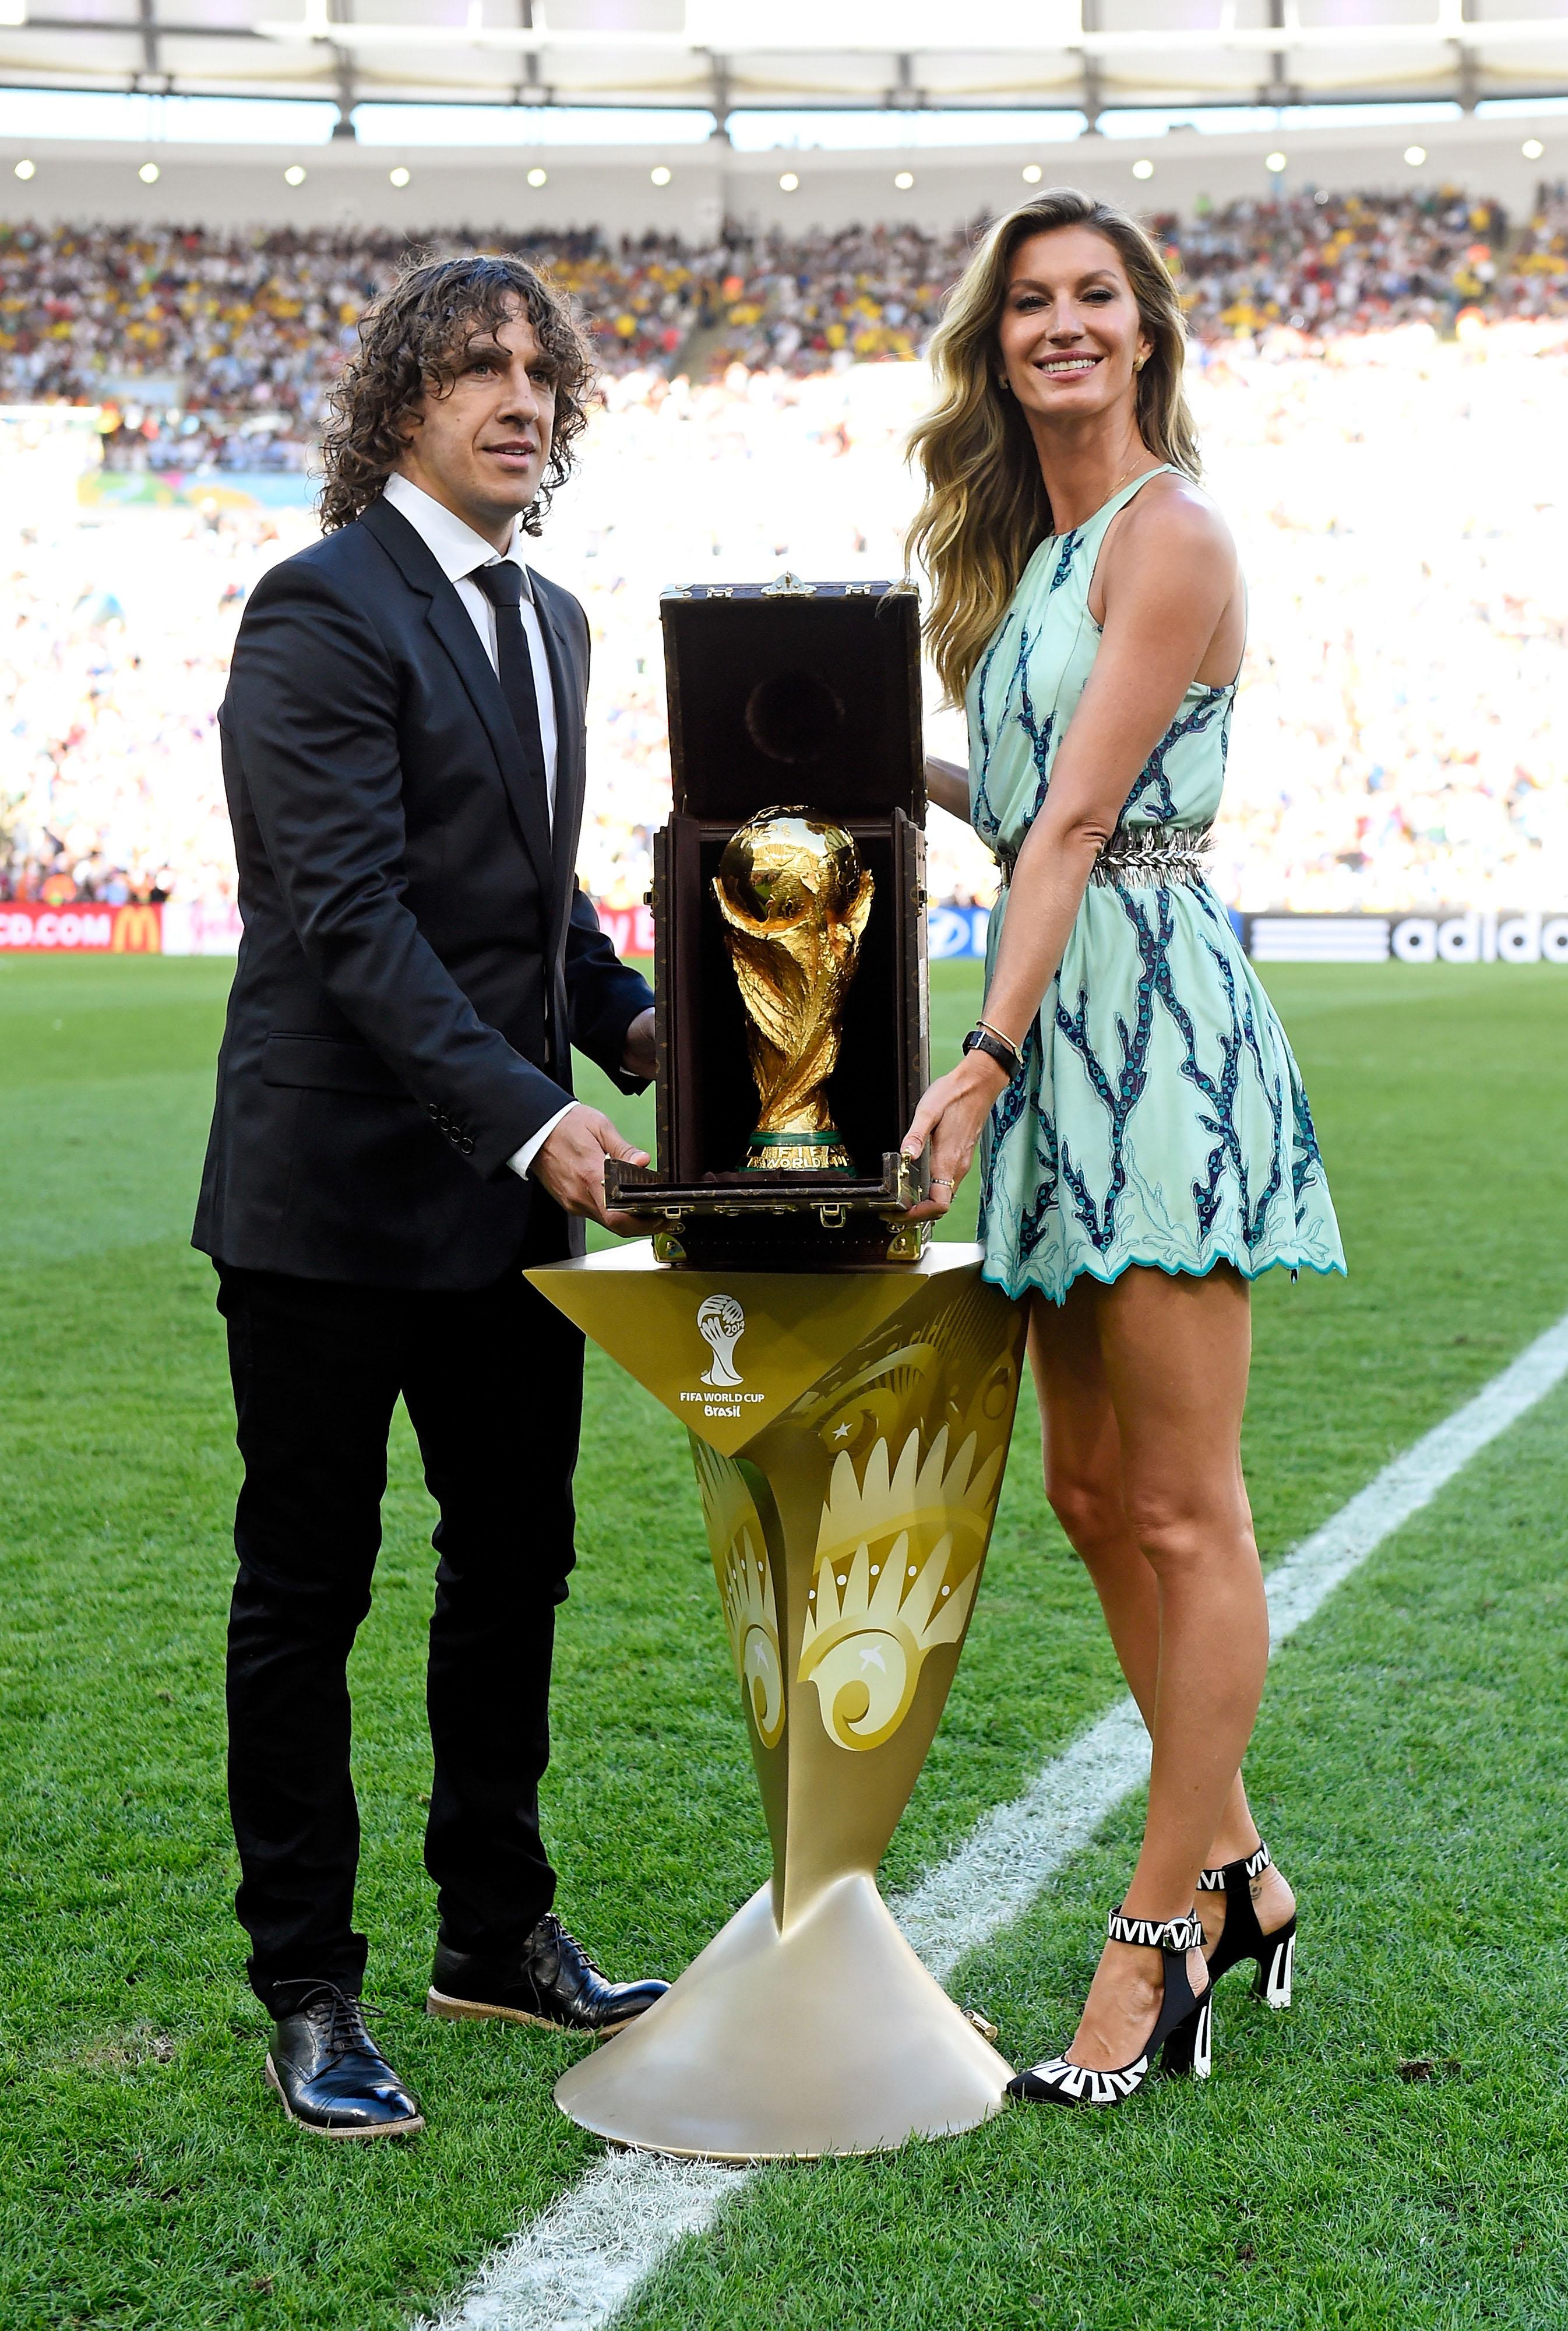 Жизель Бундхен появилась на вручении Кубка мира по футболу в Louis Vuitton